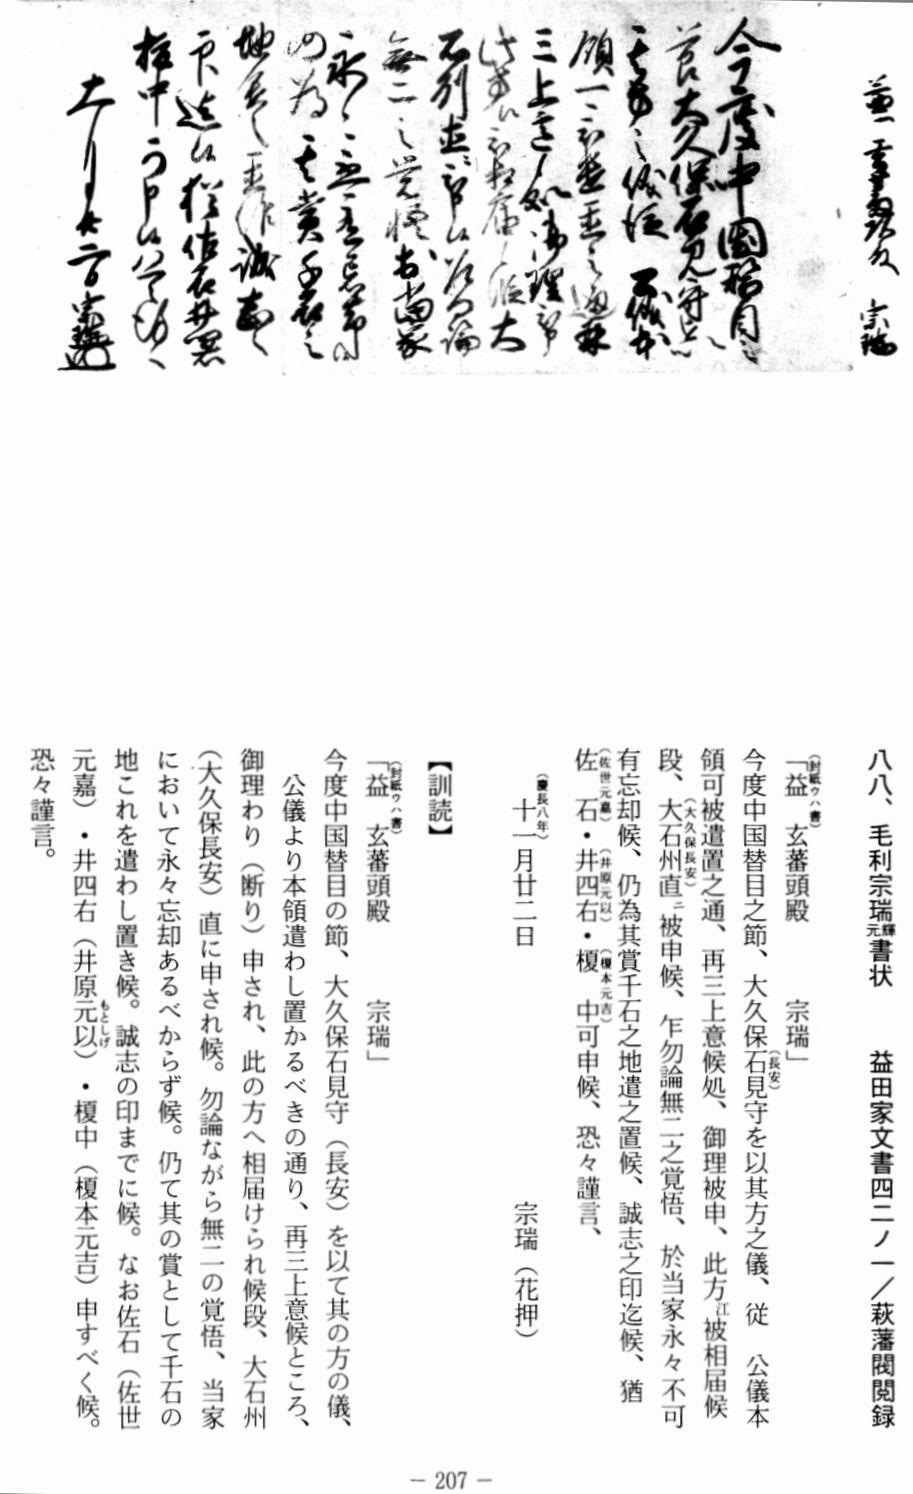 207_毛利宗瑞書状